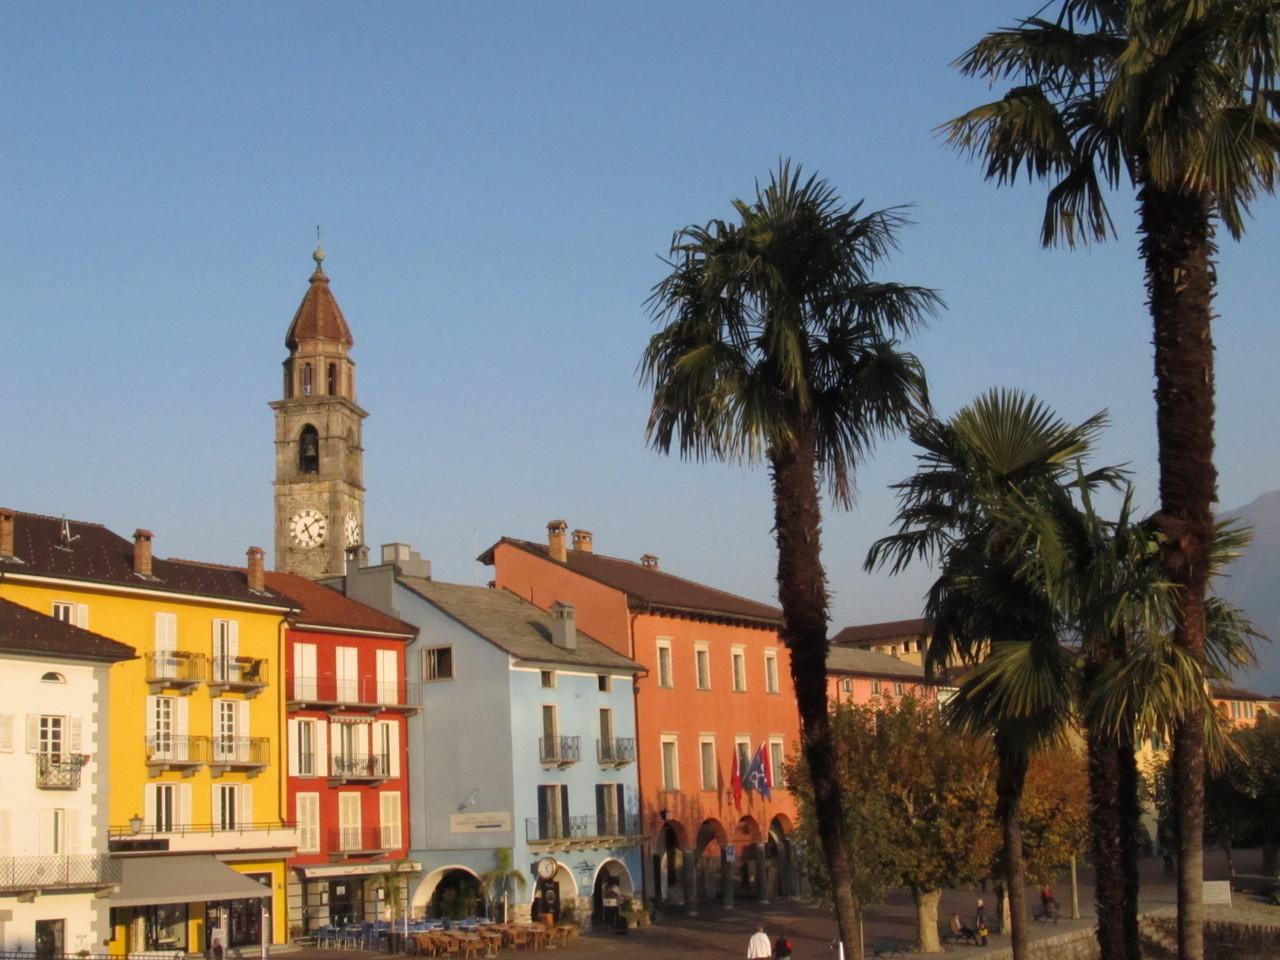 Die Kirche von Ascona